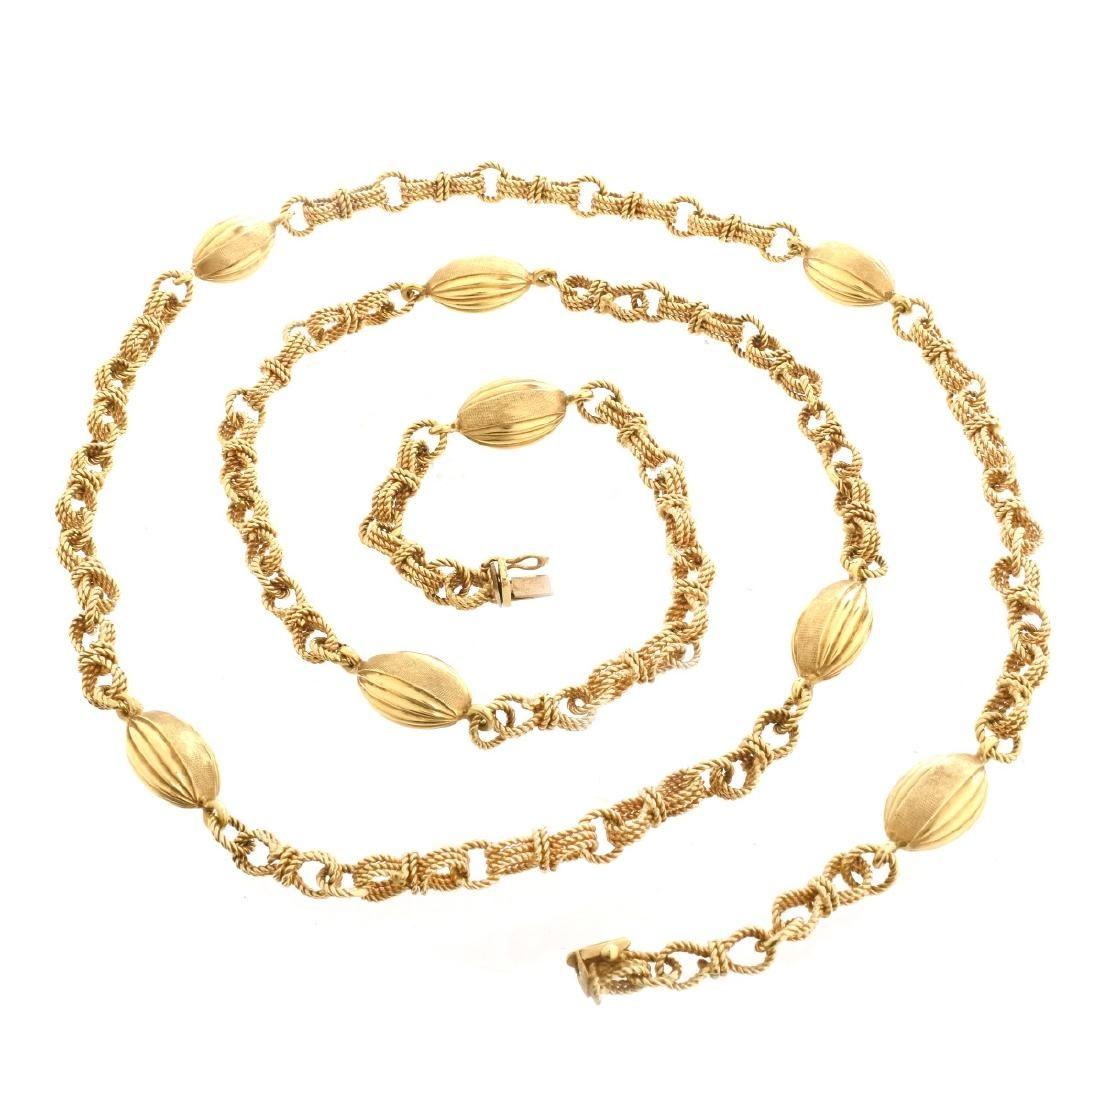 Vintage 18K Chain Necklace